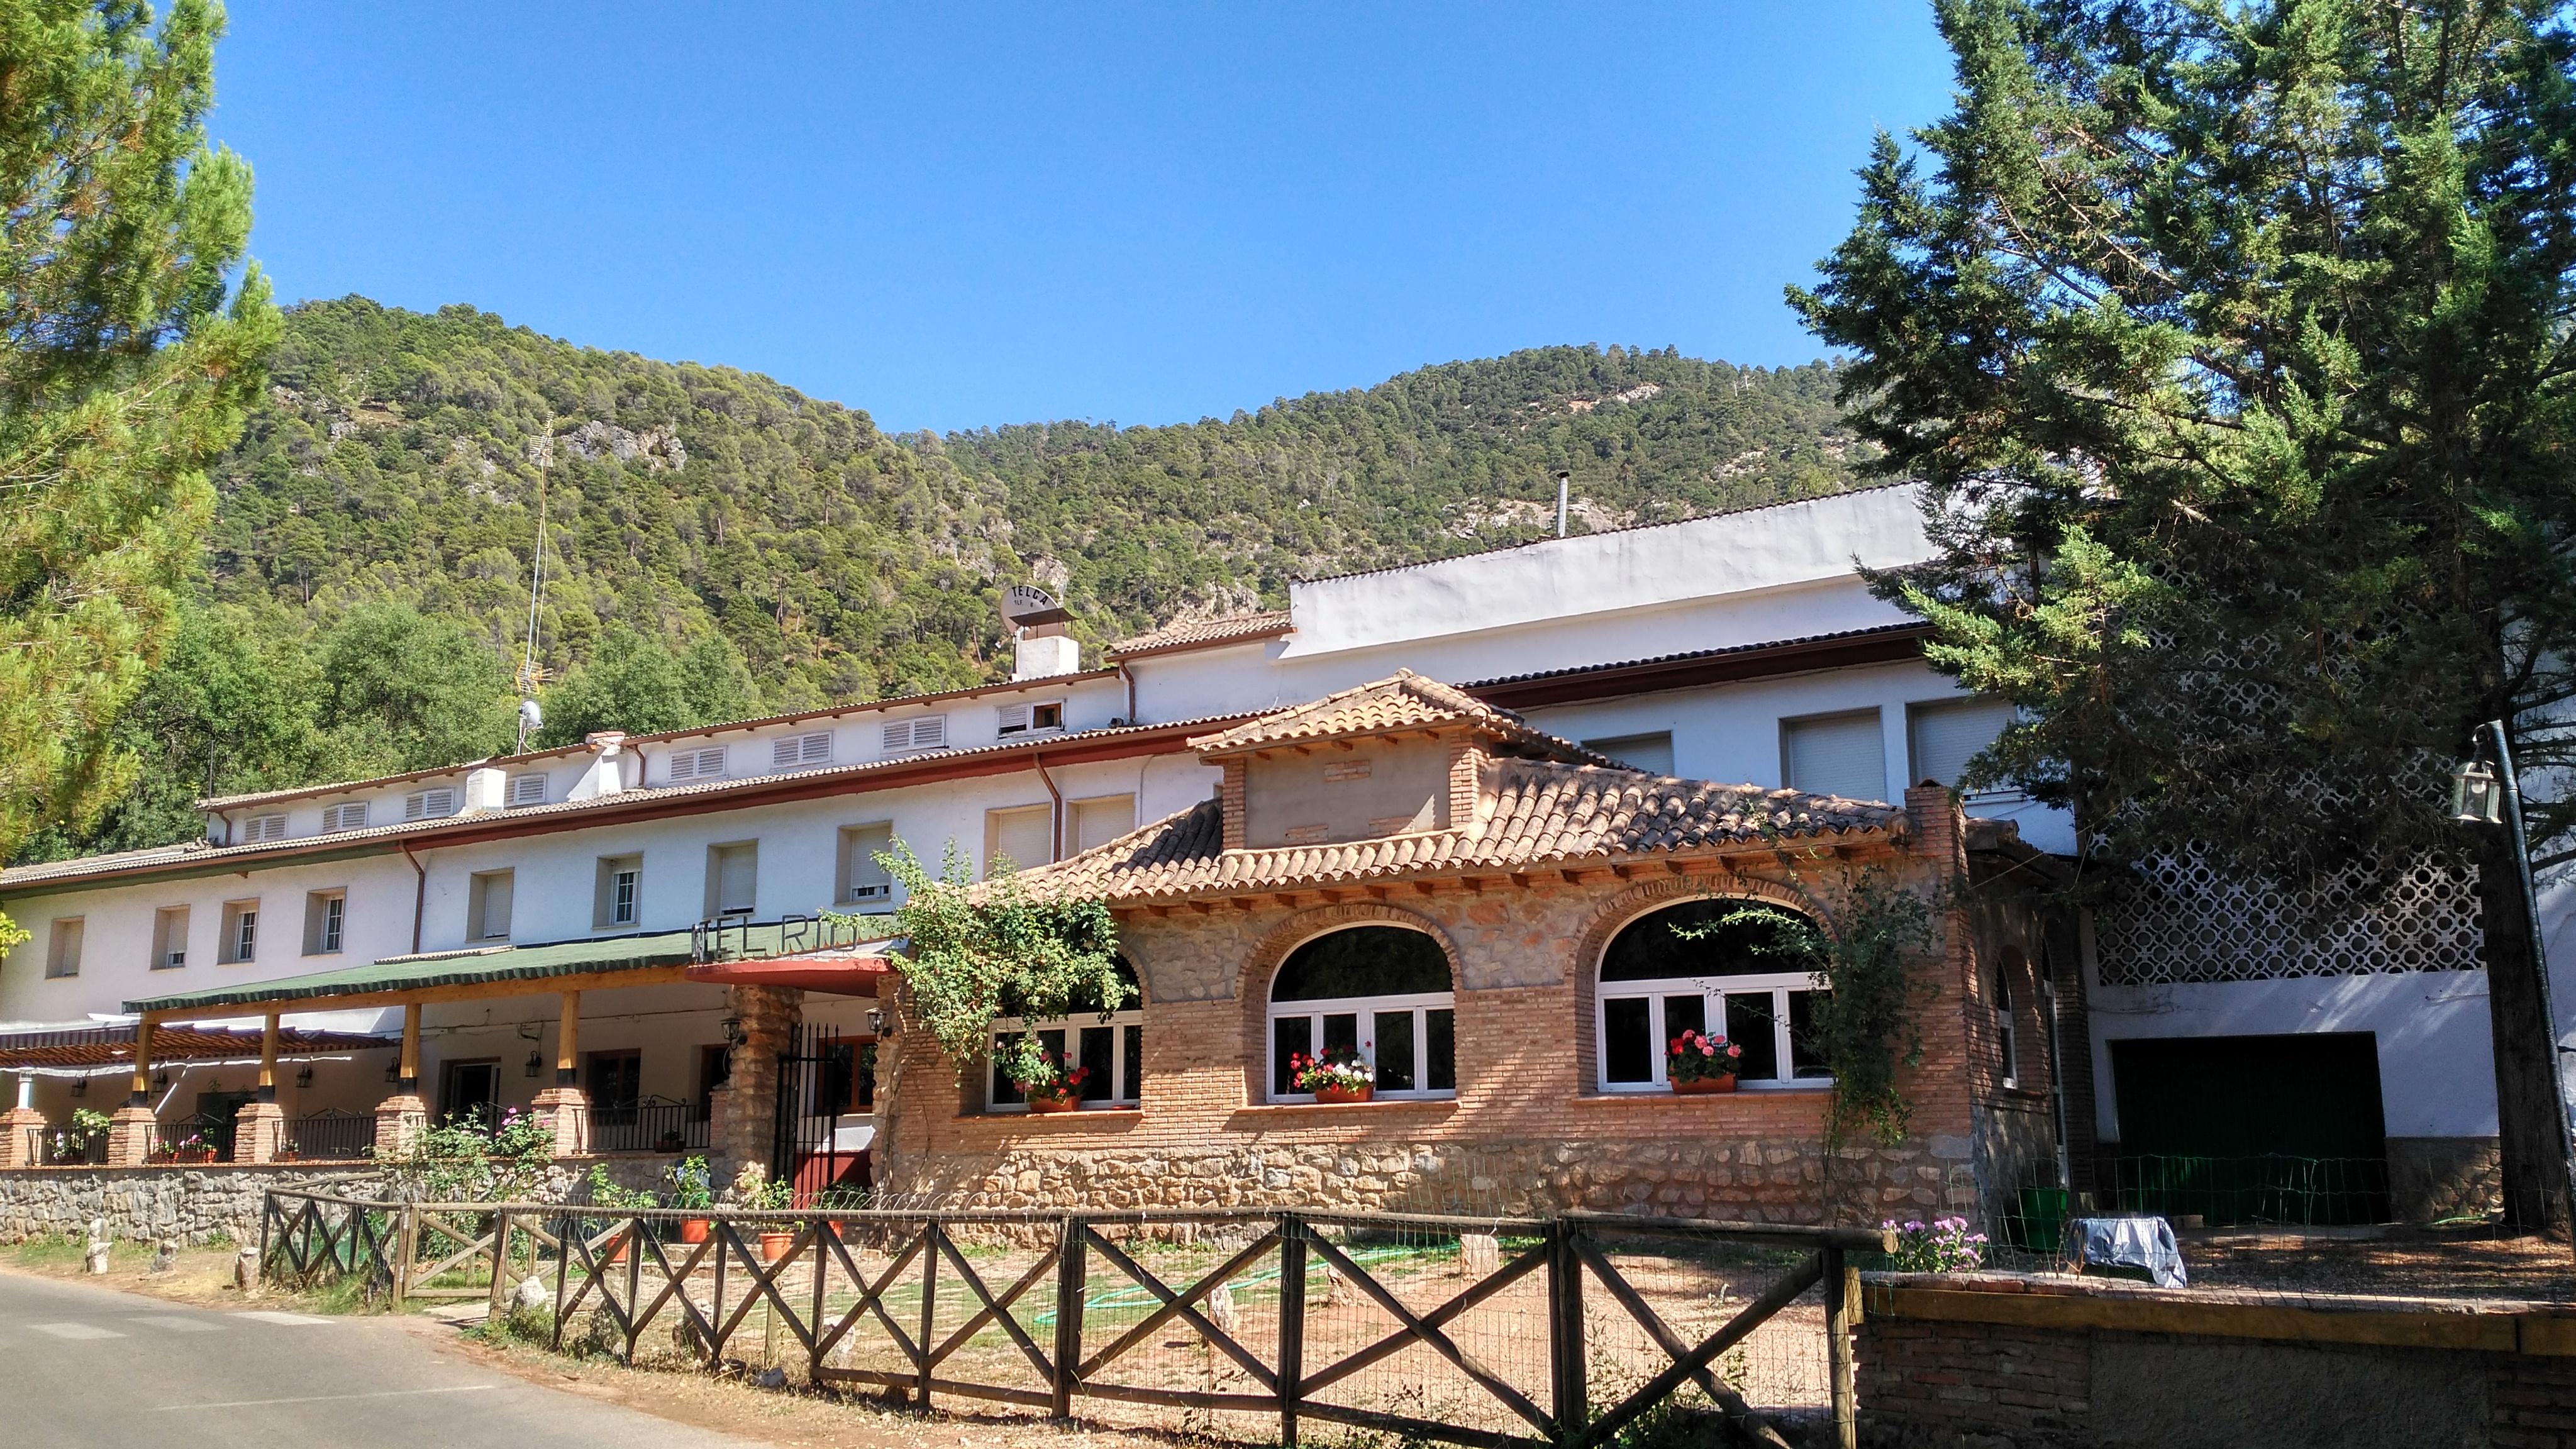 Hostal Arroyo De La Teja